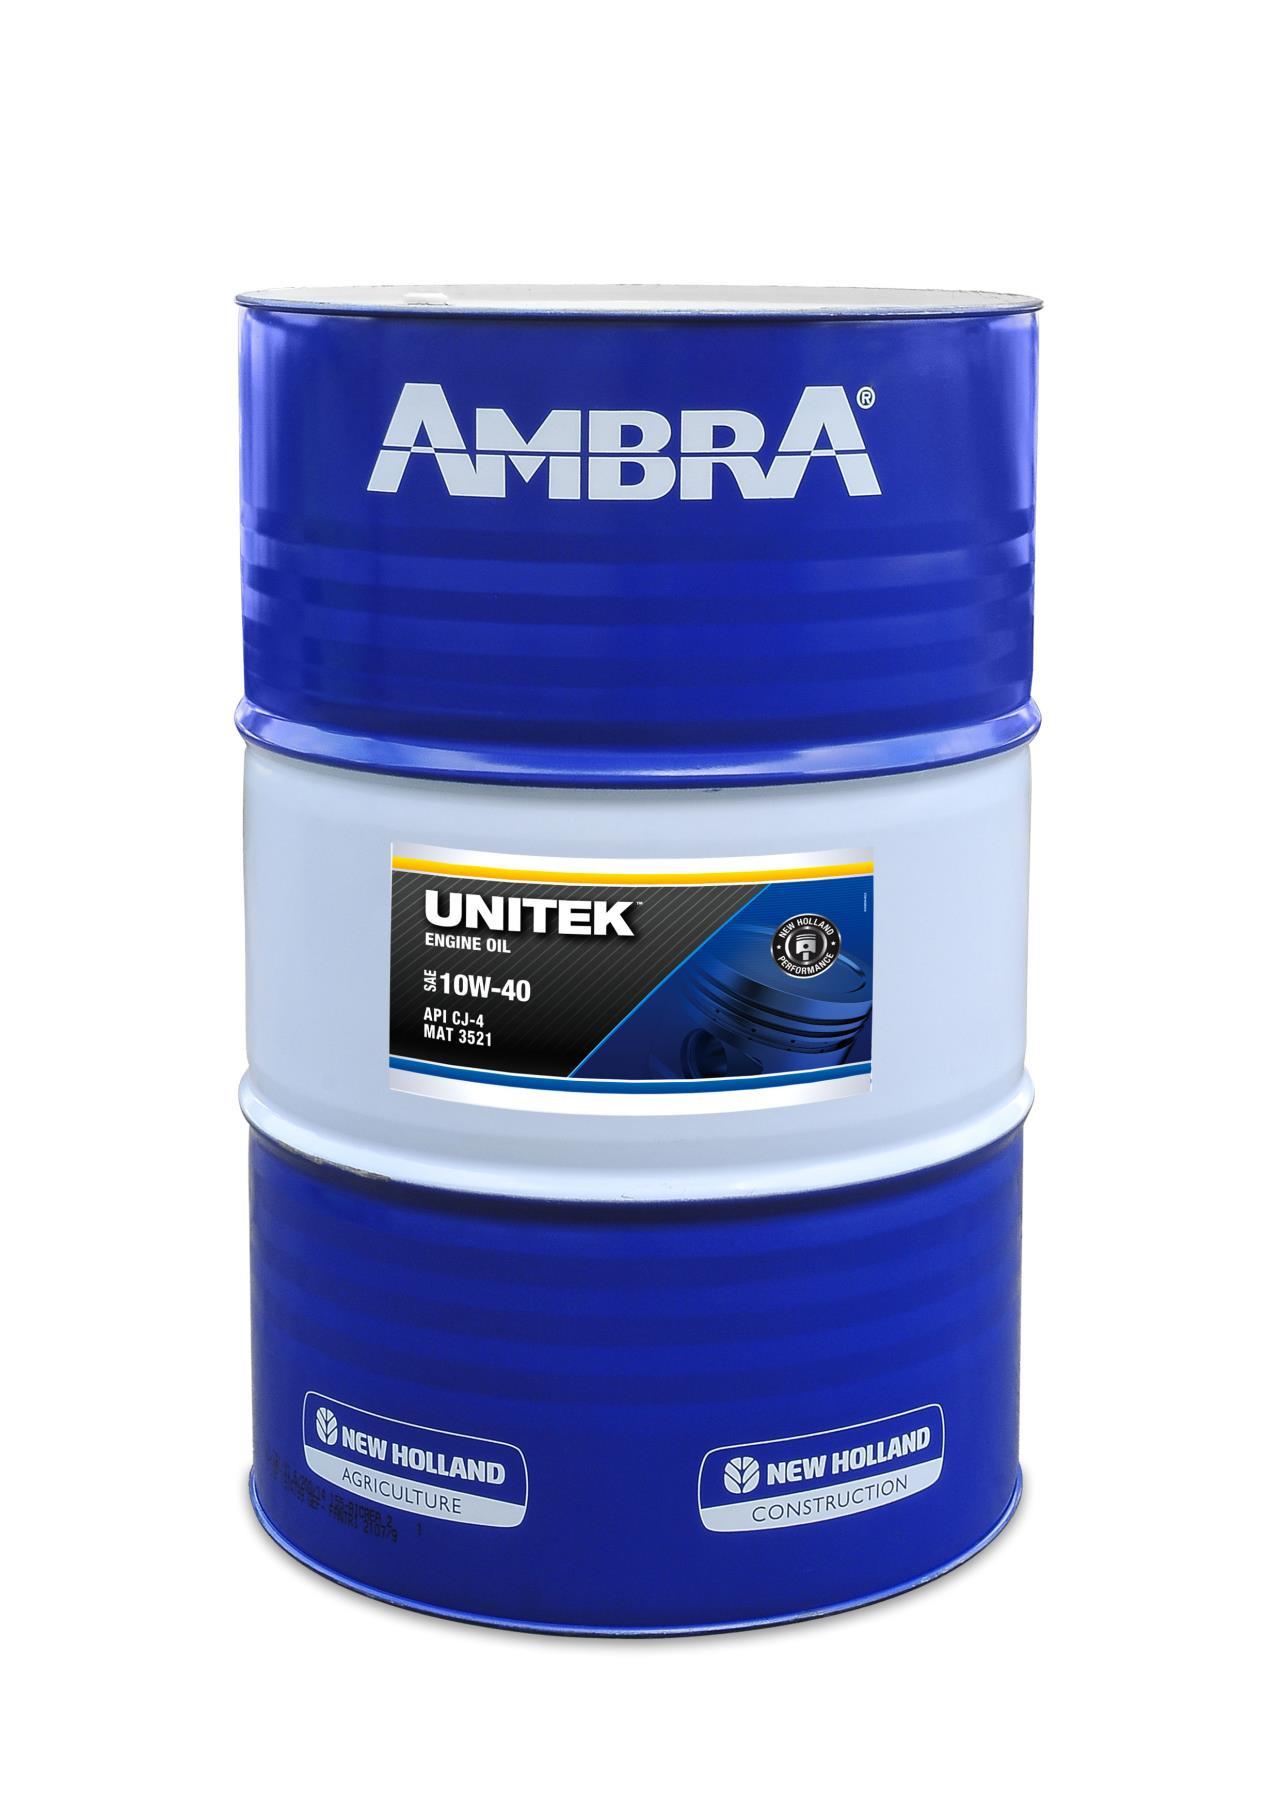 Ambra Unitek 10W-40 200 ltr